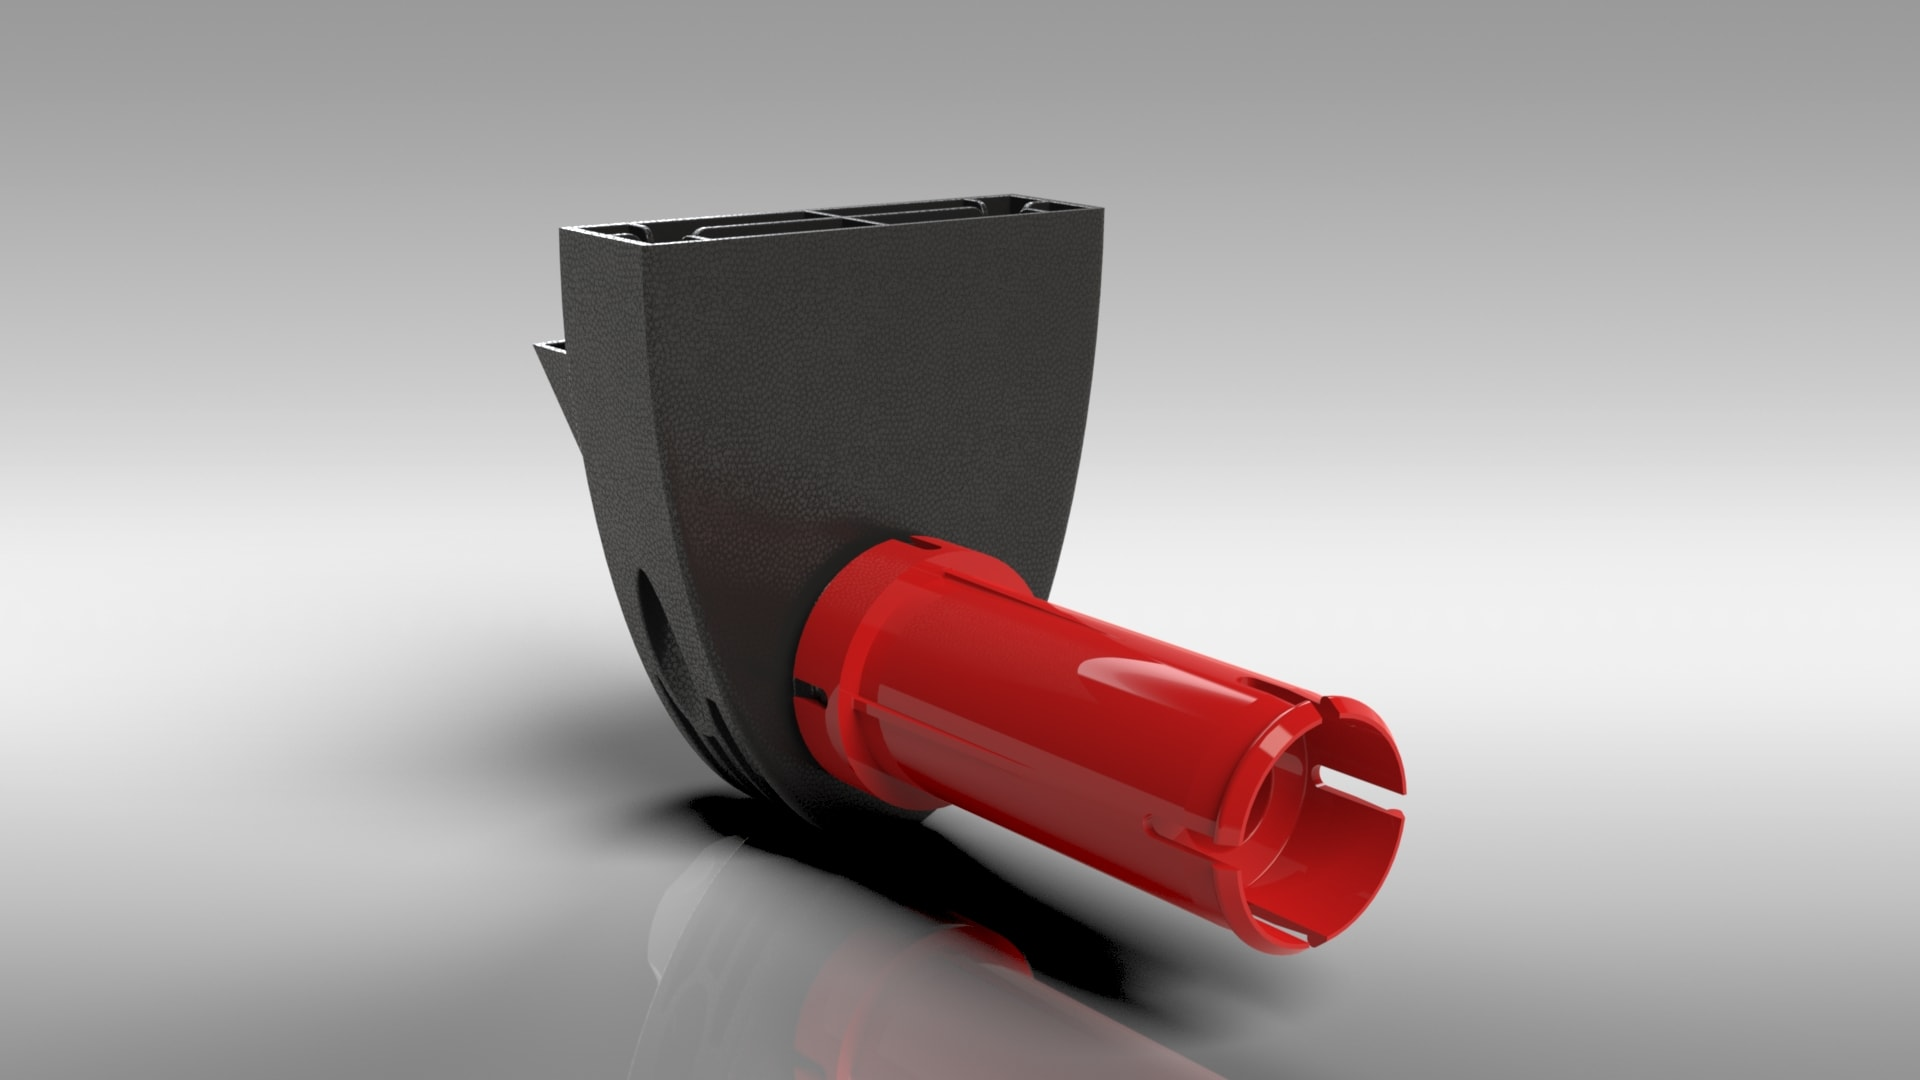 Eksempel på fotorealistisk rendering af samlet plastprodukt lavet i programmet SolidWorks Visualize